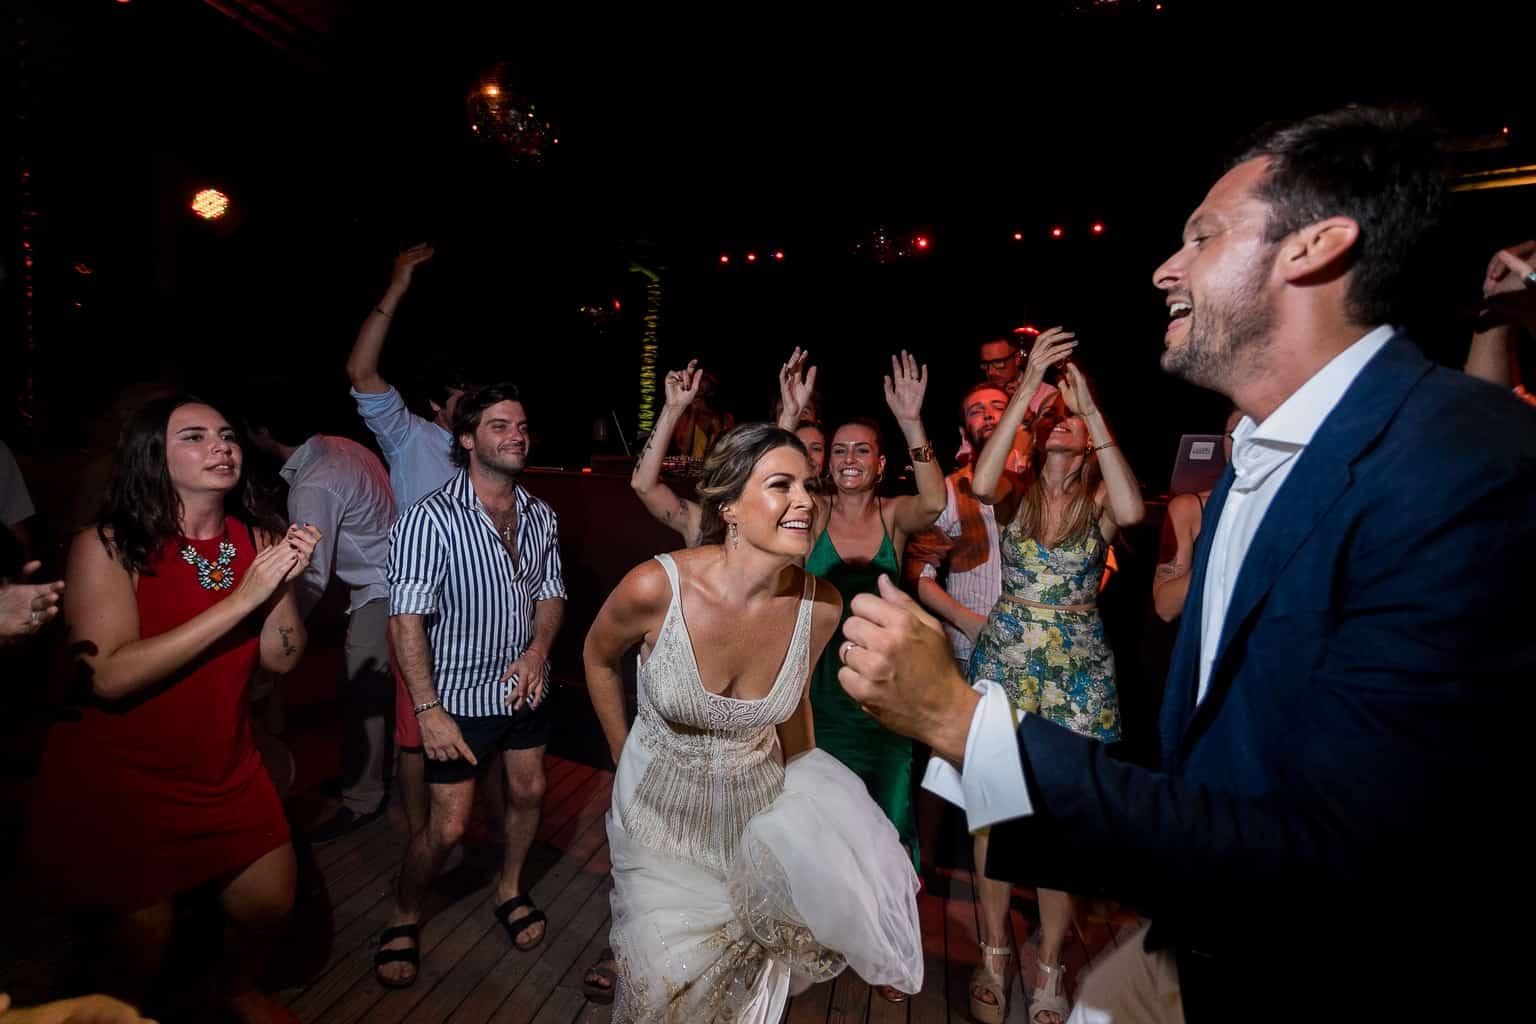 Casamento-Victoria-e-Christian-Fotografia-Tiago-Saldanha-Festa760_MG_1848